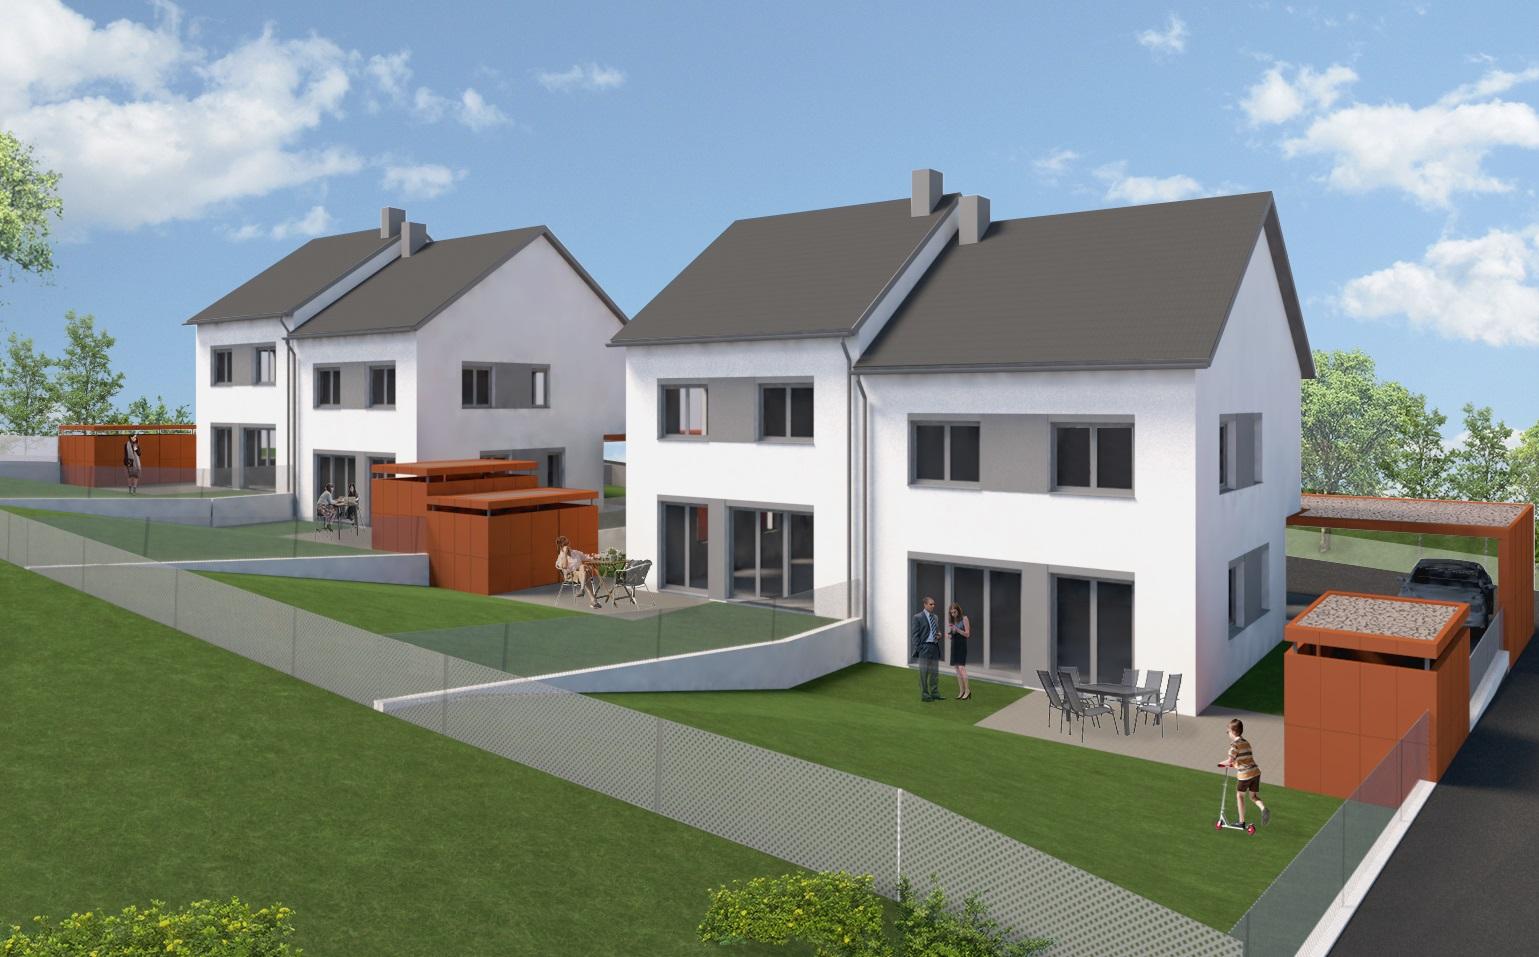 Immobilie von Kamptal in 3804 Allentsteig, Zwettl, Allentsteig I - Top 3 #0